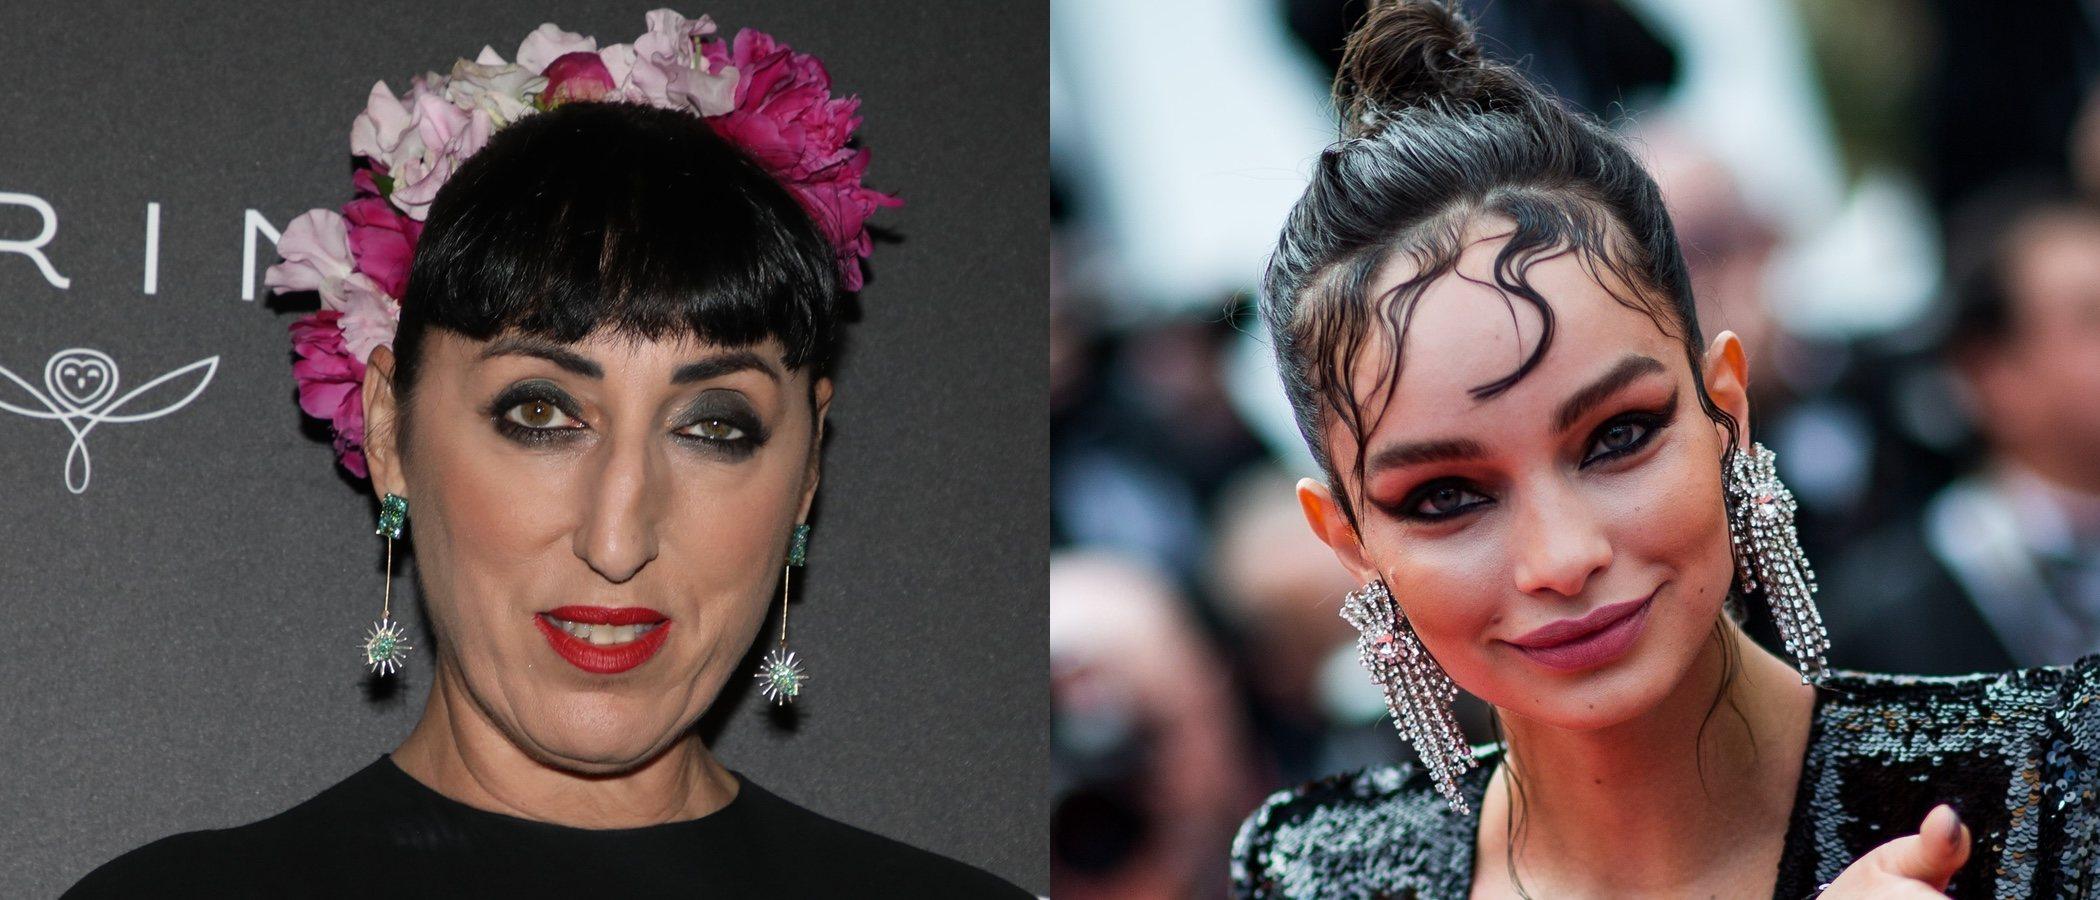 Rossy de Palma y Luma Grothe, entre los peores beauty looks de la semana